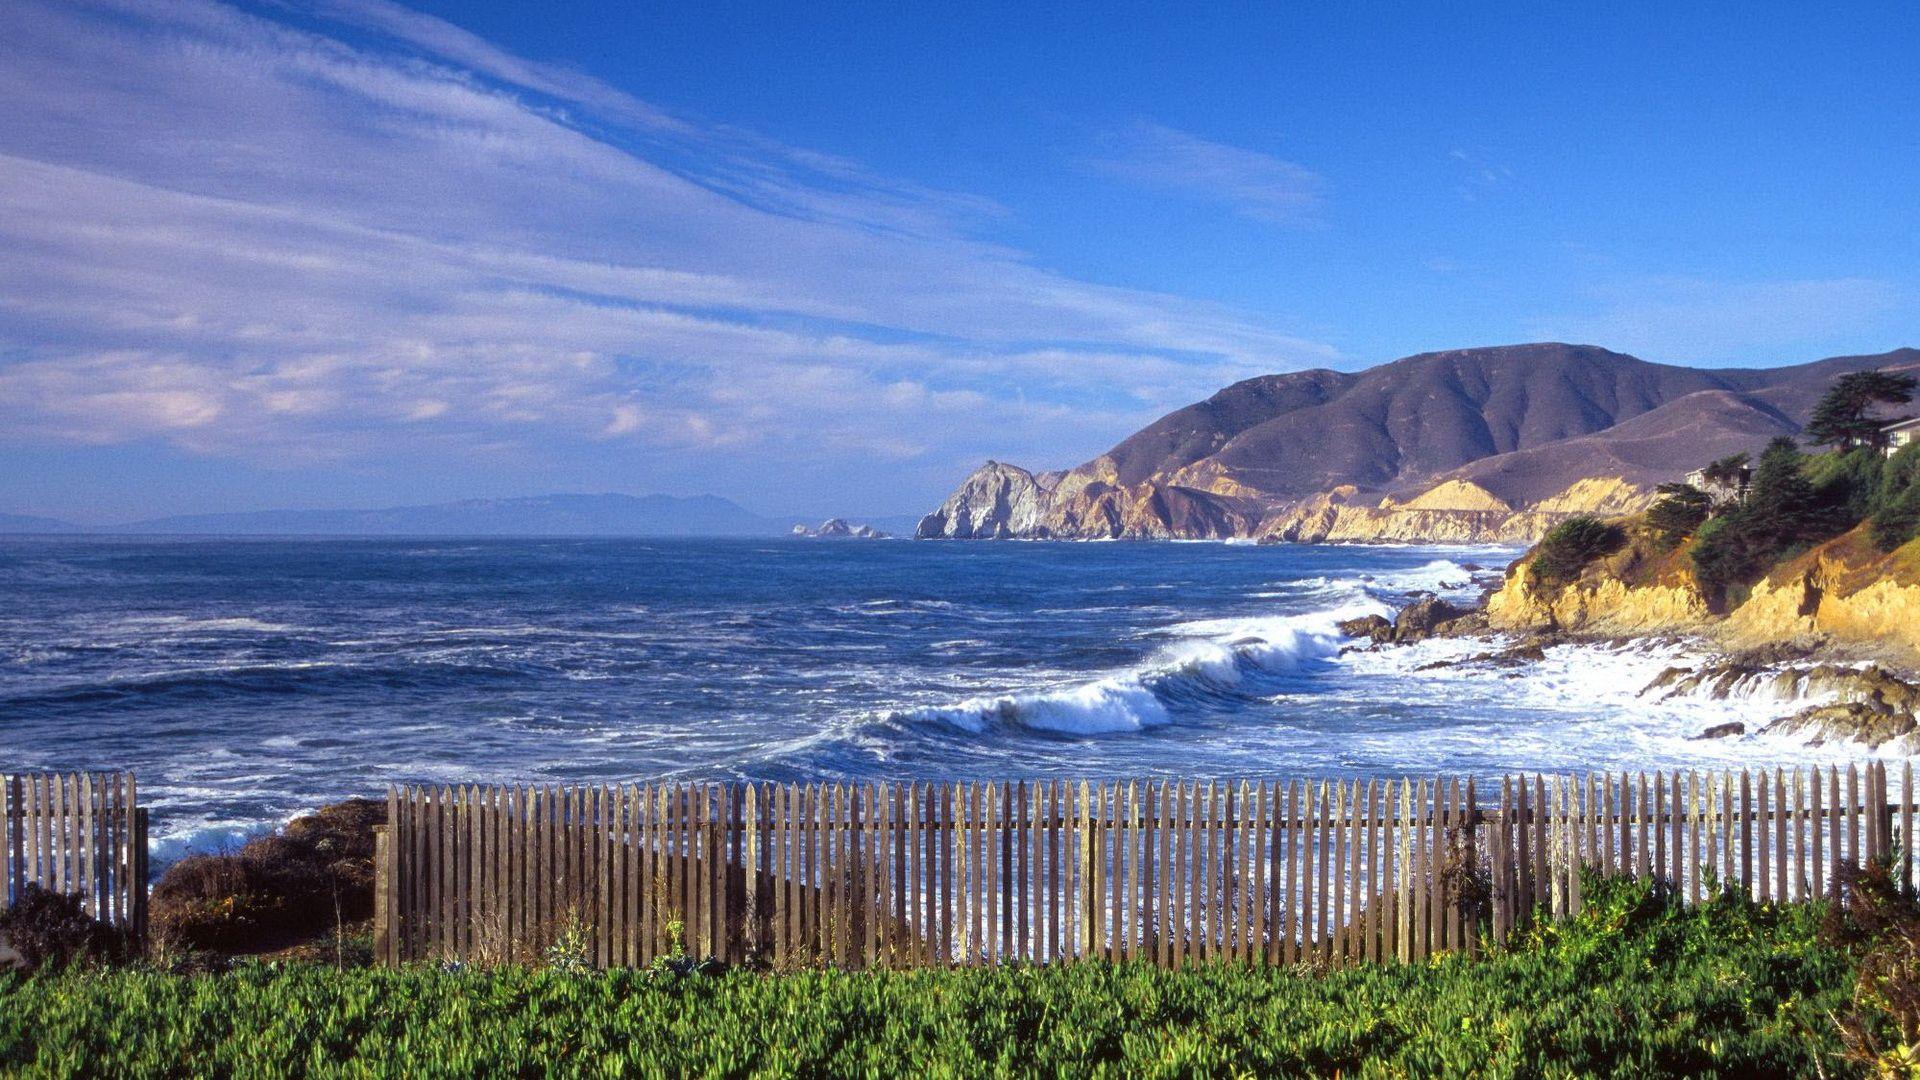 129805 descargar fondo de pantalla Naturaleza, Mar, Valla, Cerco, Montañas, Ondas: protectores de pantalla e imágenes gratis